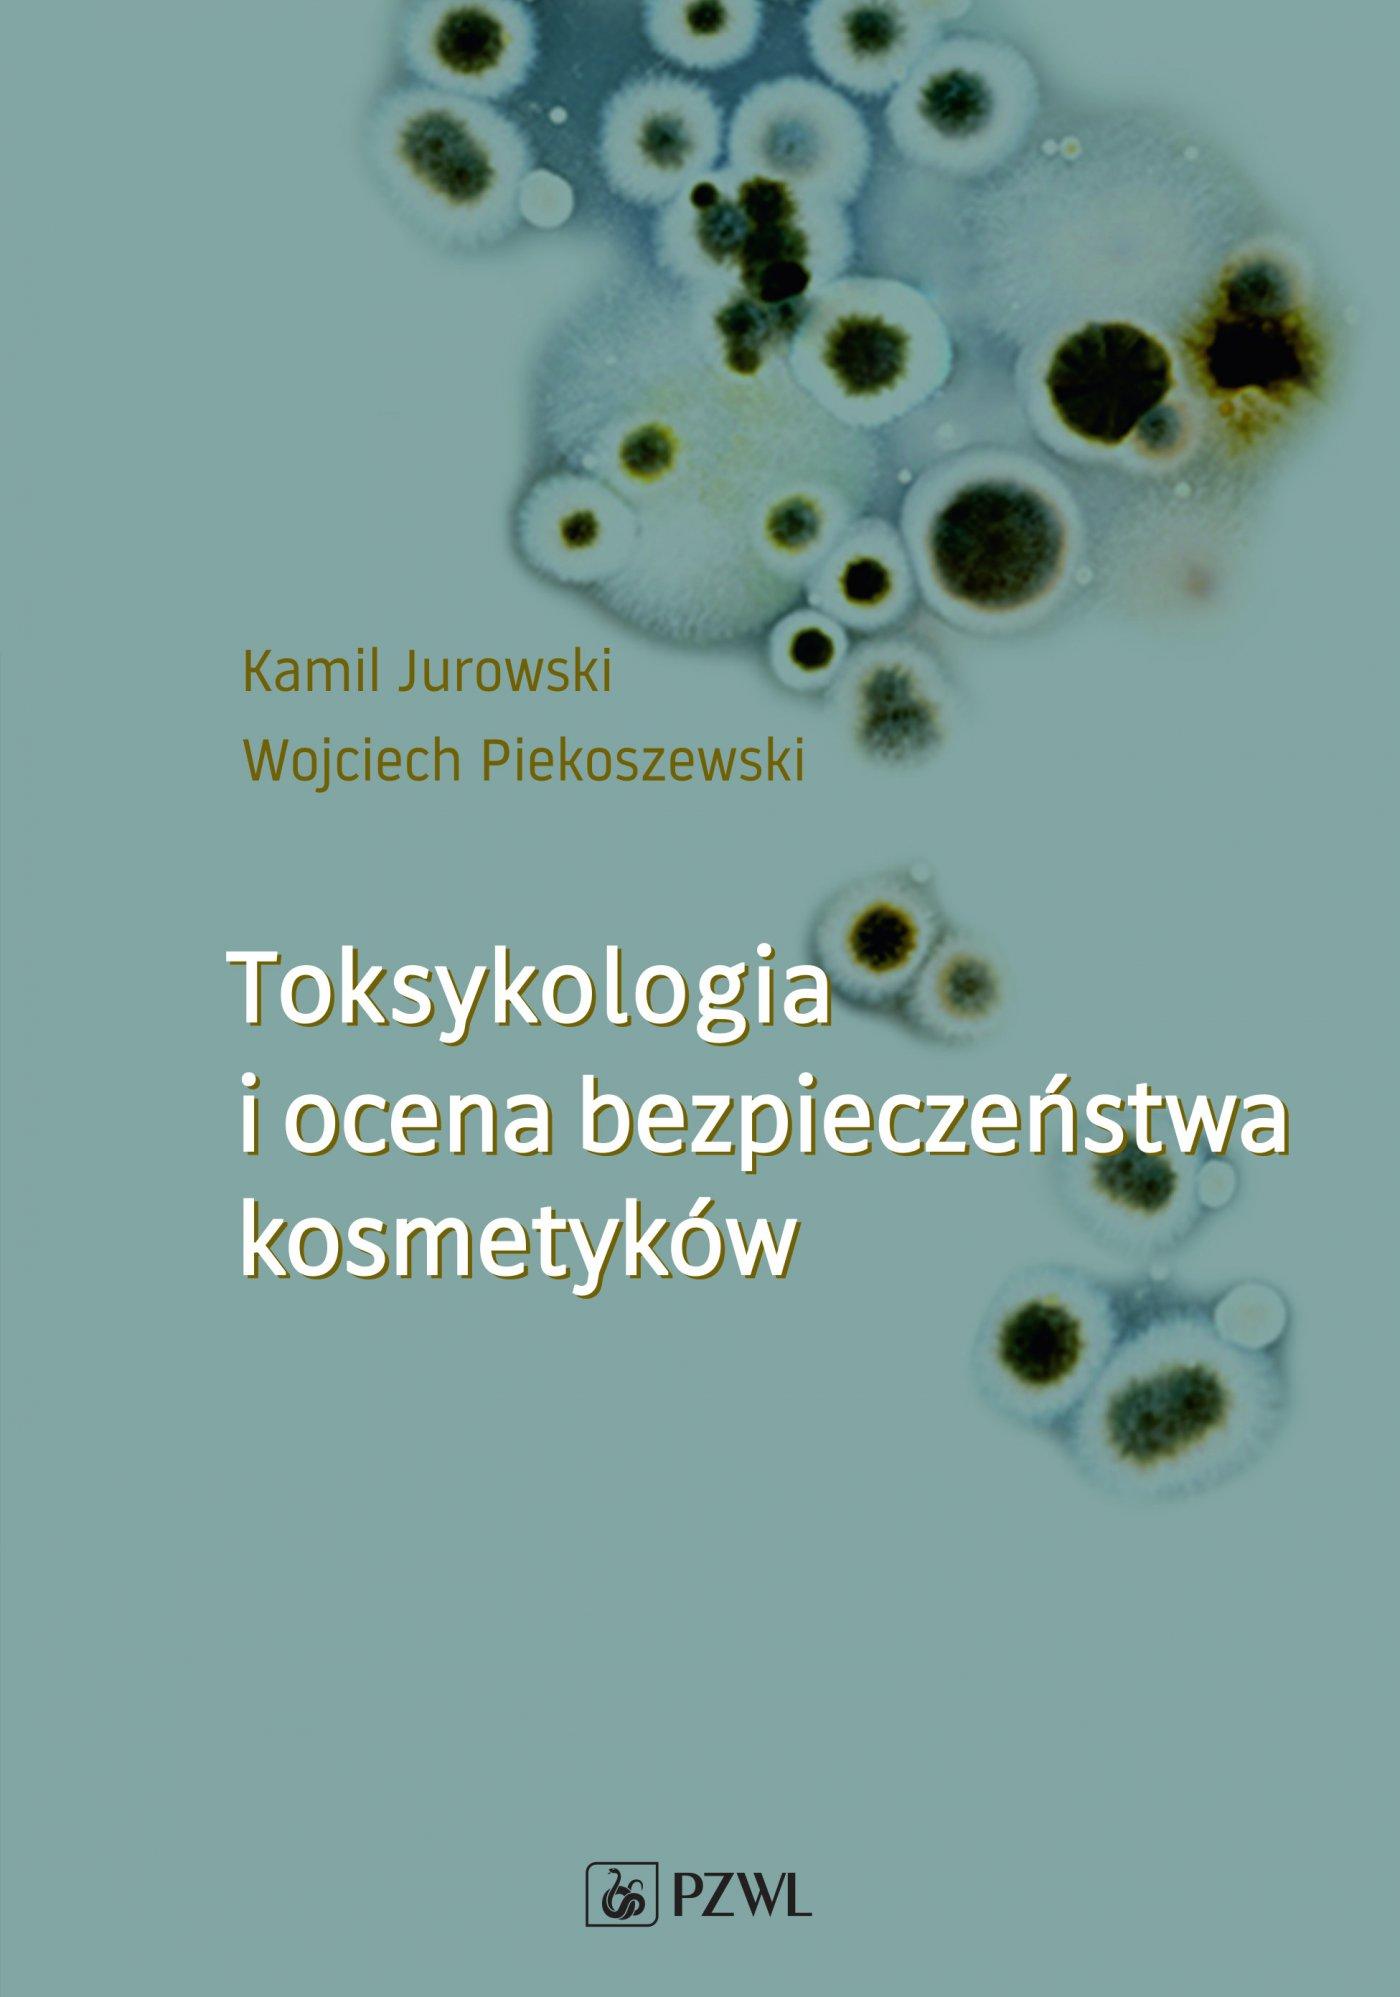 Toksykologia i ocena bezpieczeństwa kosmetyków - Ebook (Książka EPUB) do pobrania w formacie EPUB